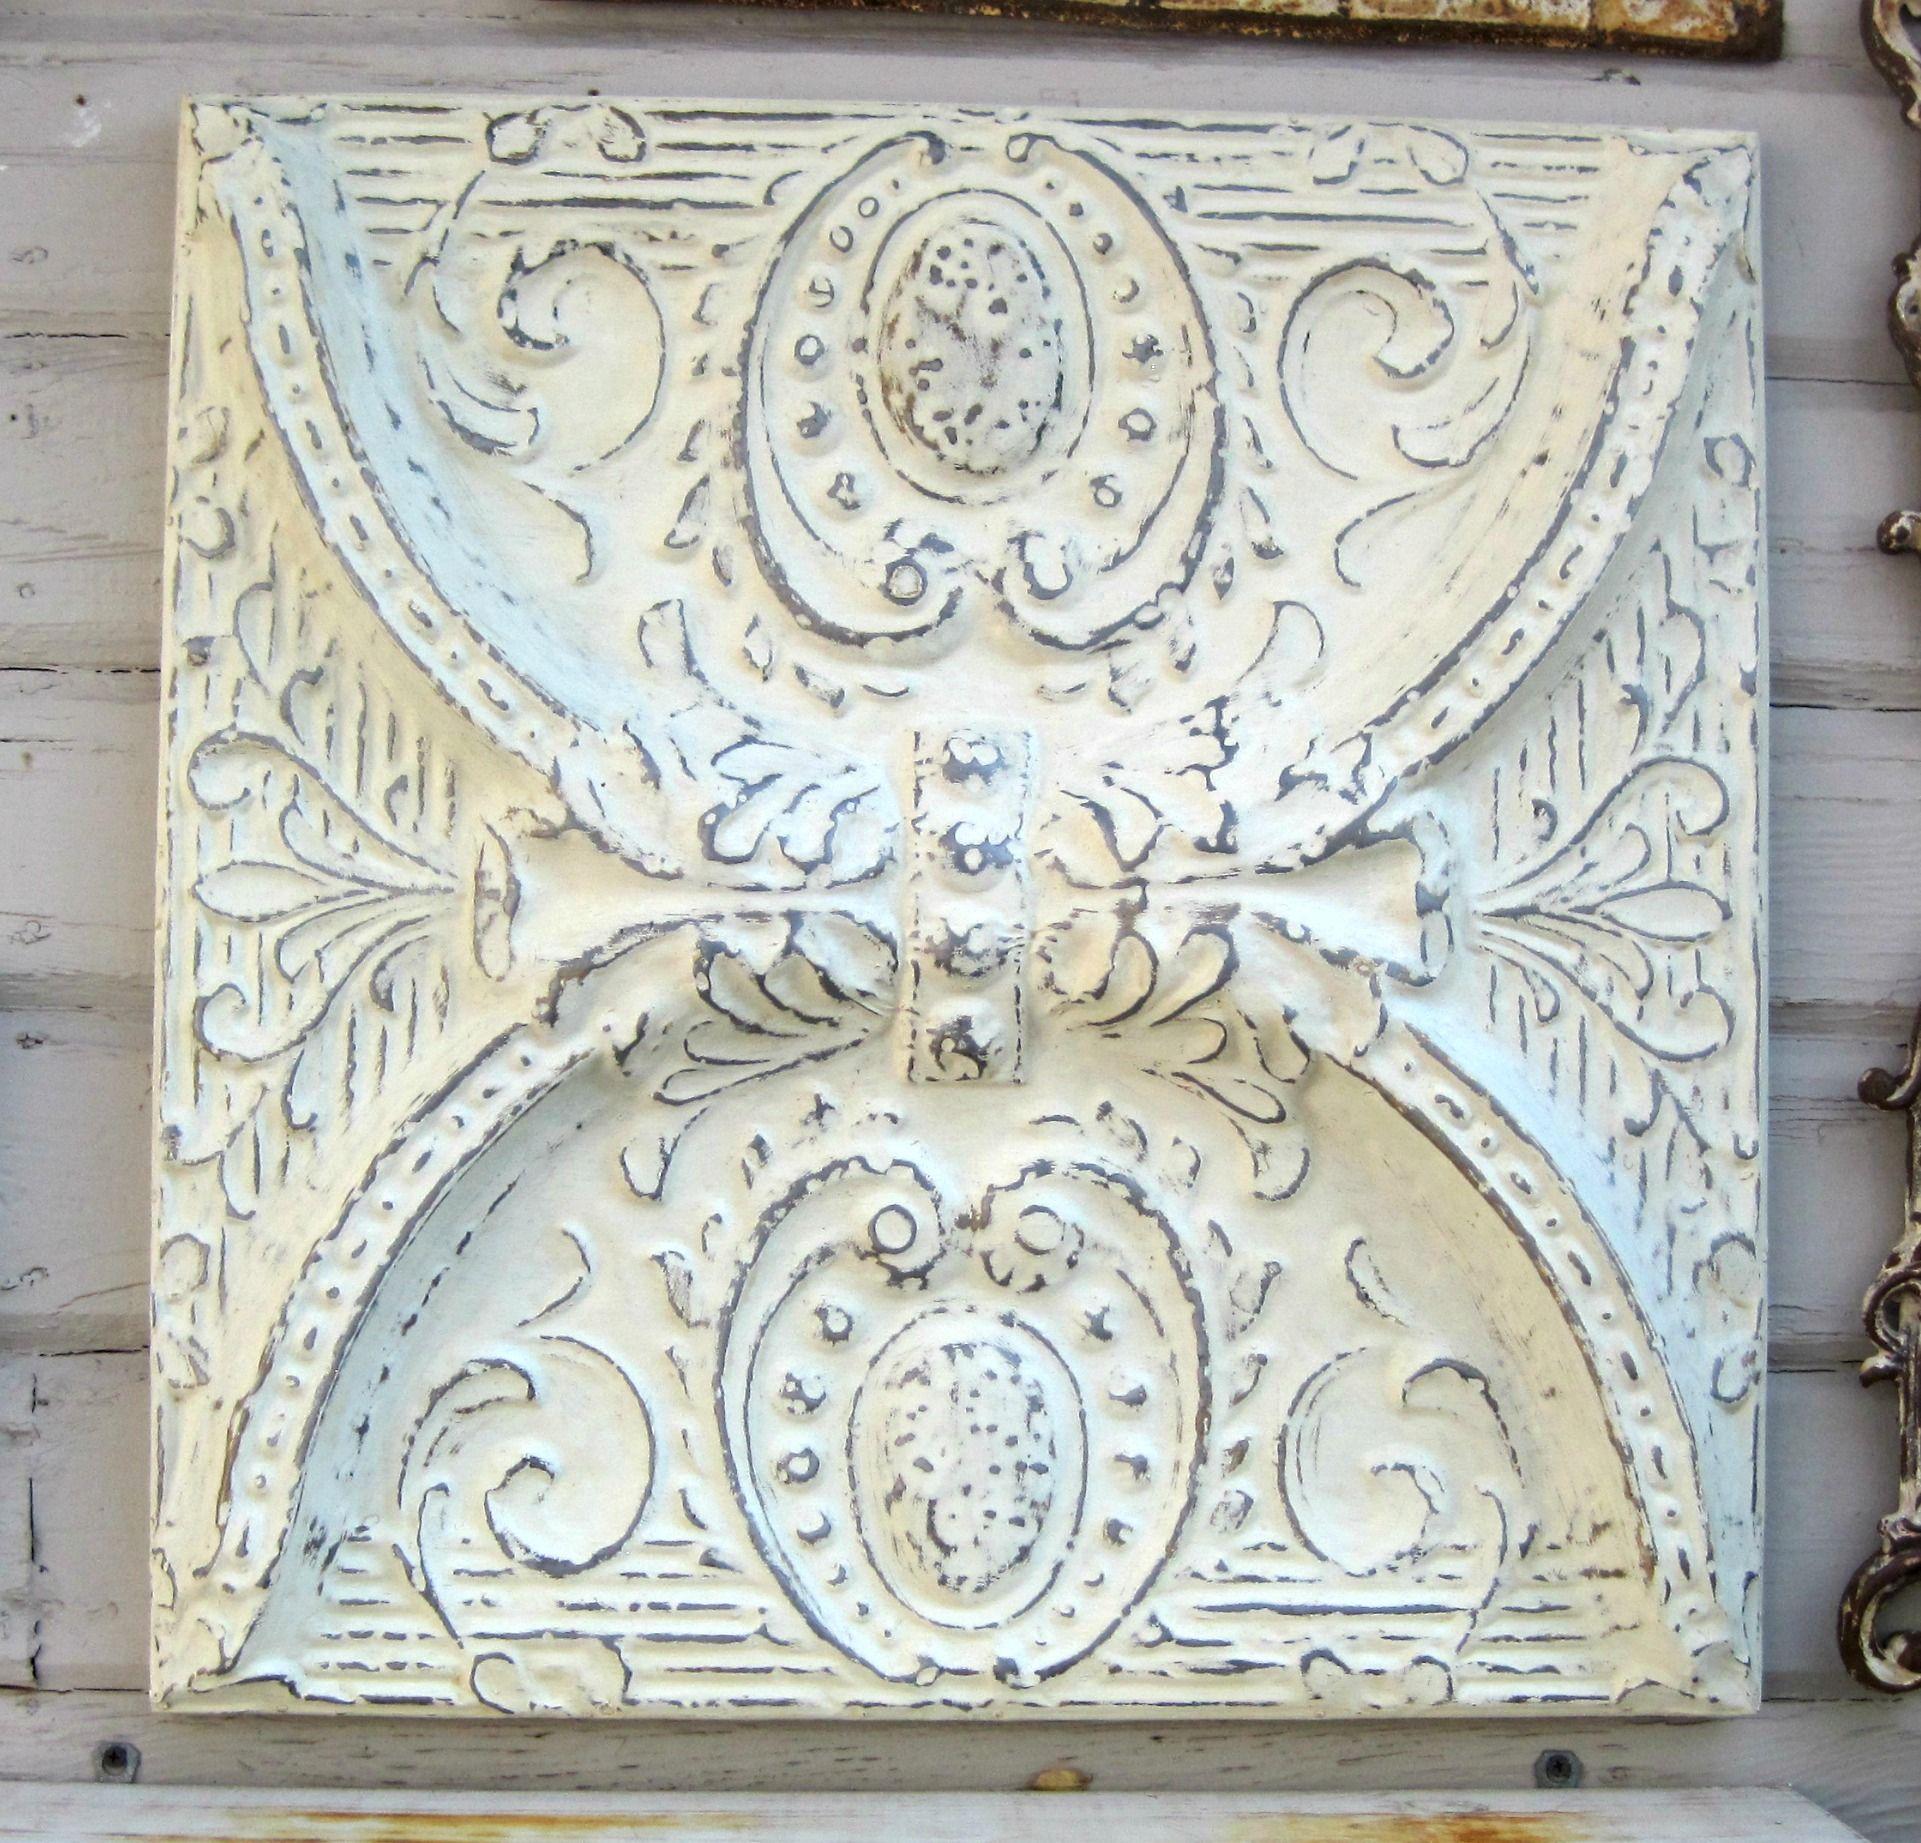 Antique tin ceiling tile circa 1910 antique tin ceiling tiles antique tin ceiling tile circa 1910 dailygadgetfo Gallery